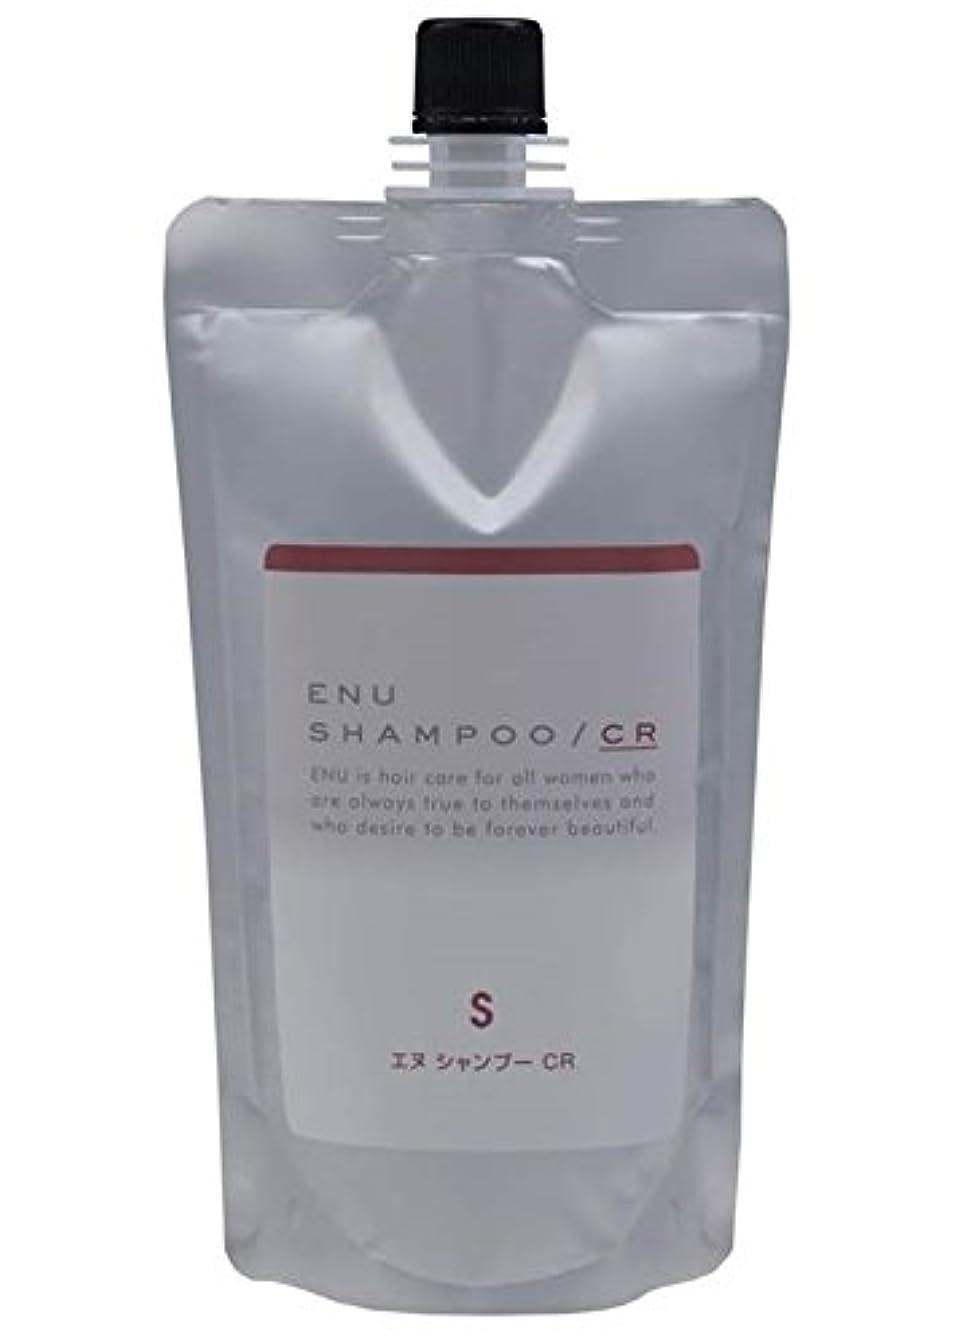 起業家にはまって登場中野製薬  ENU エヌ シャンプー CR レフィル 400ml